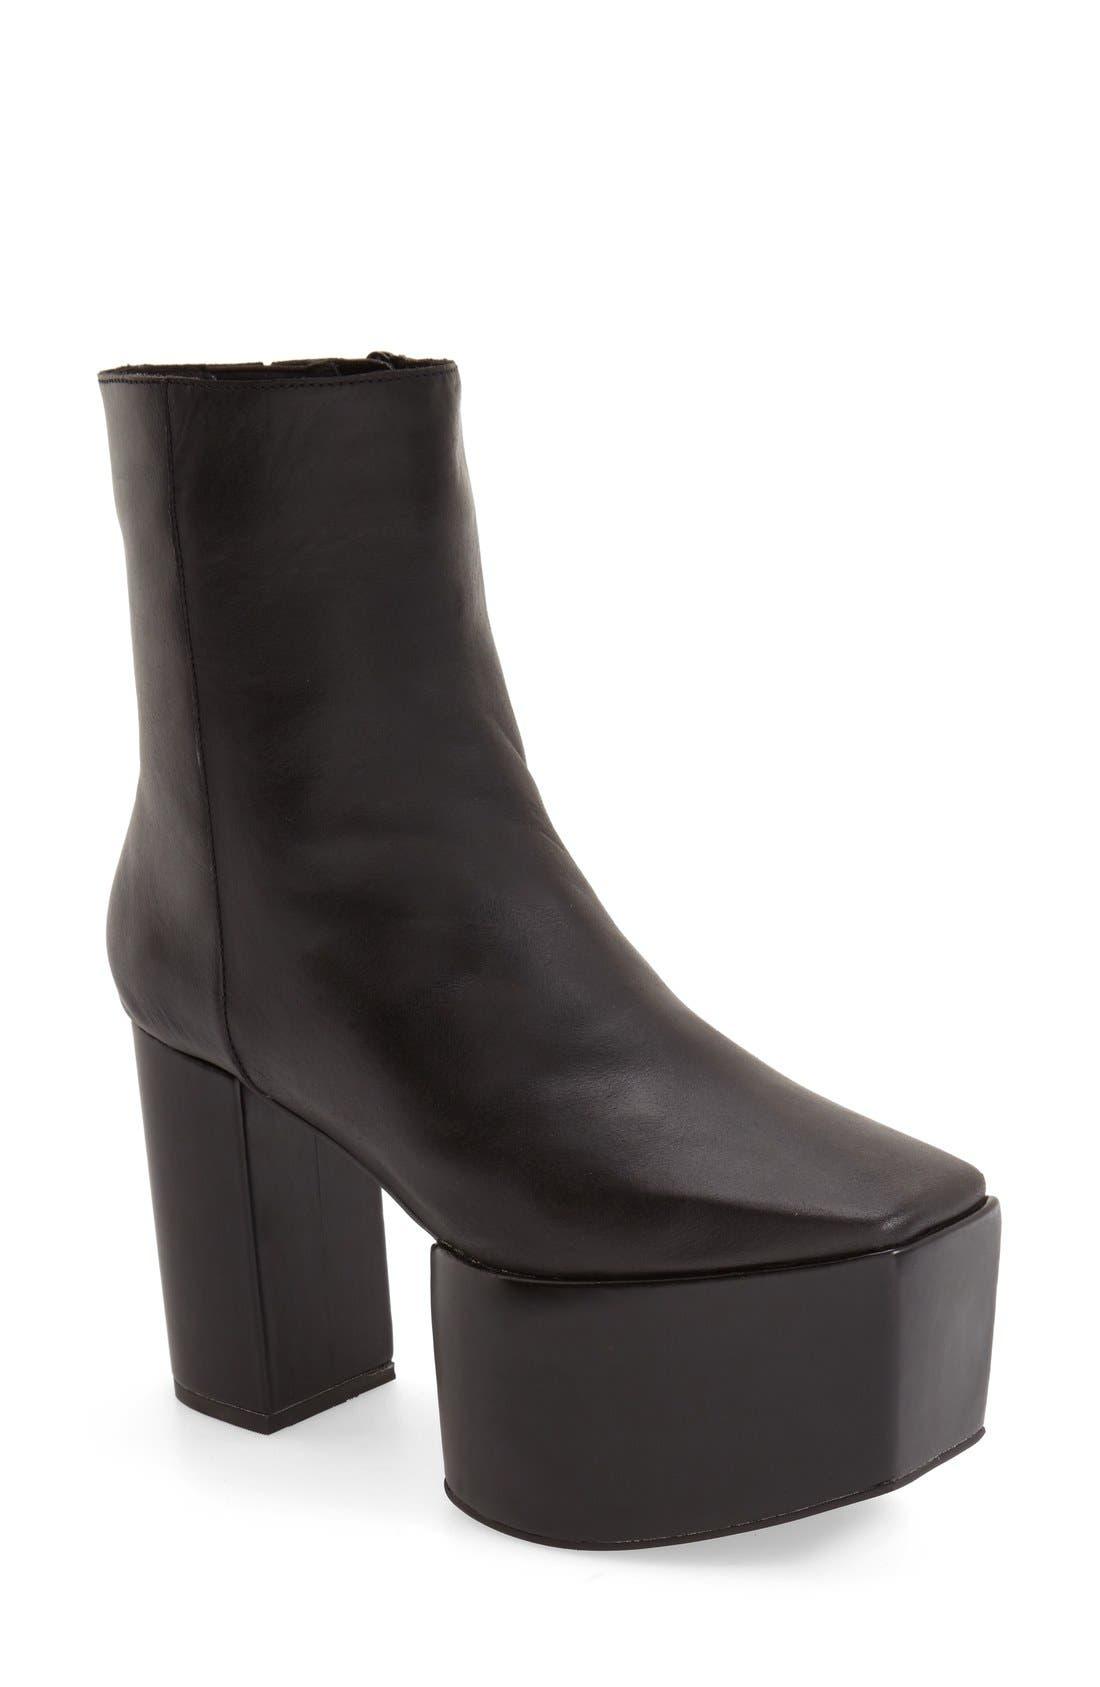 Main Image - Jeffrey Campbell 'Marcade' Block Heel Platform Bootie (Women)